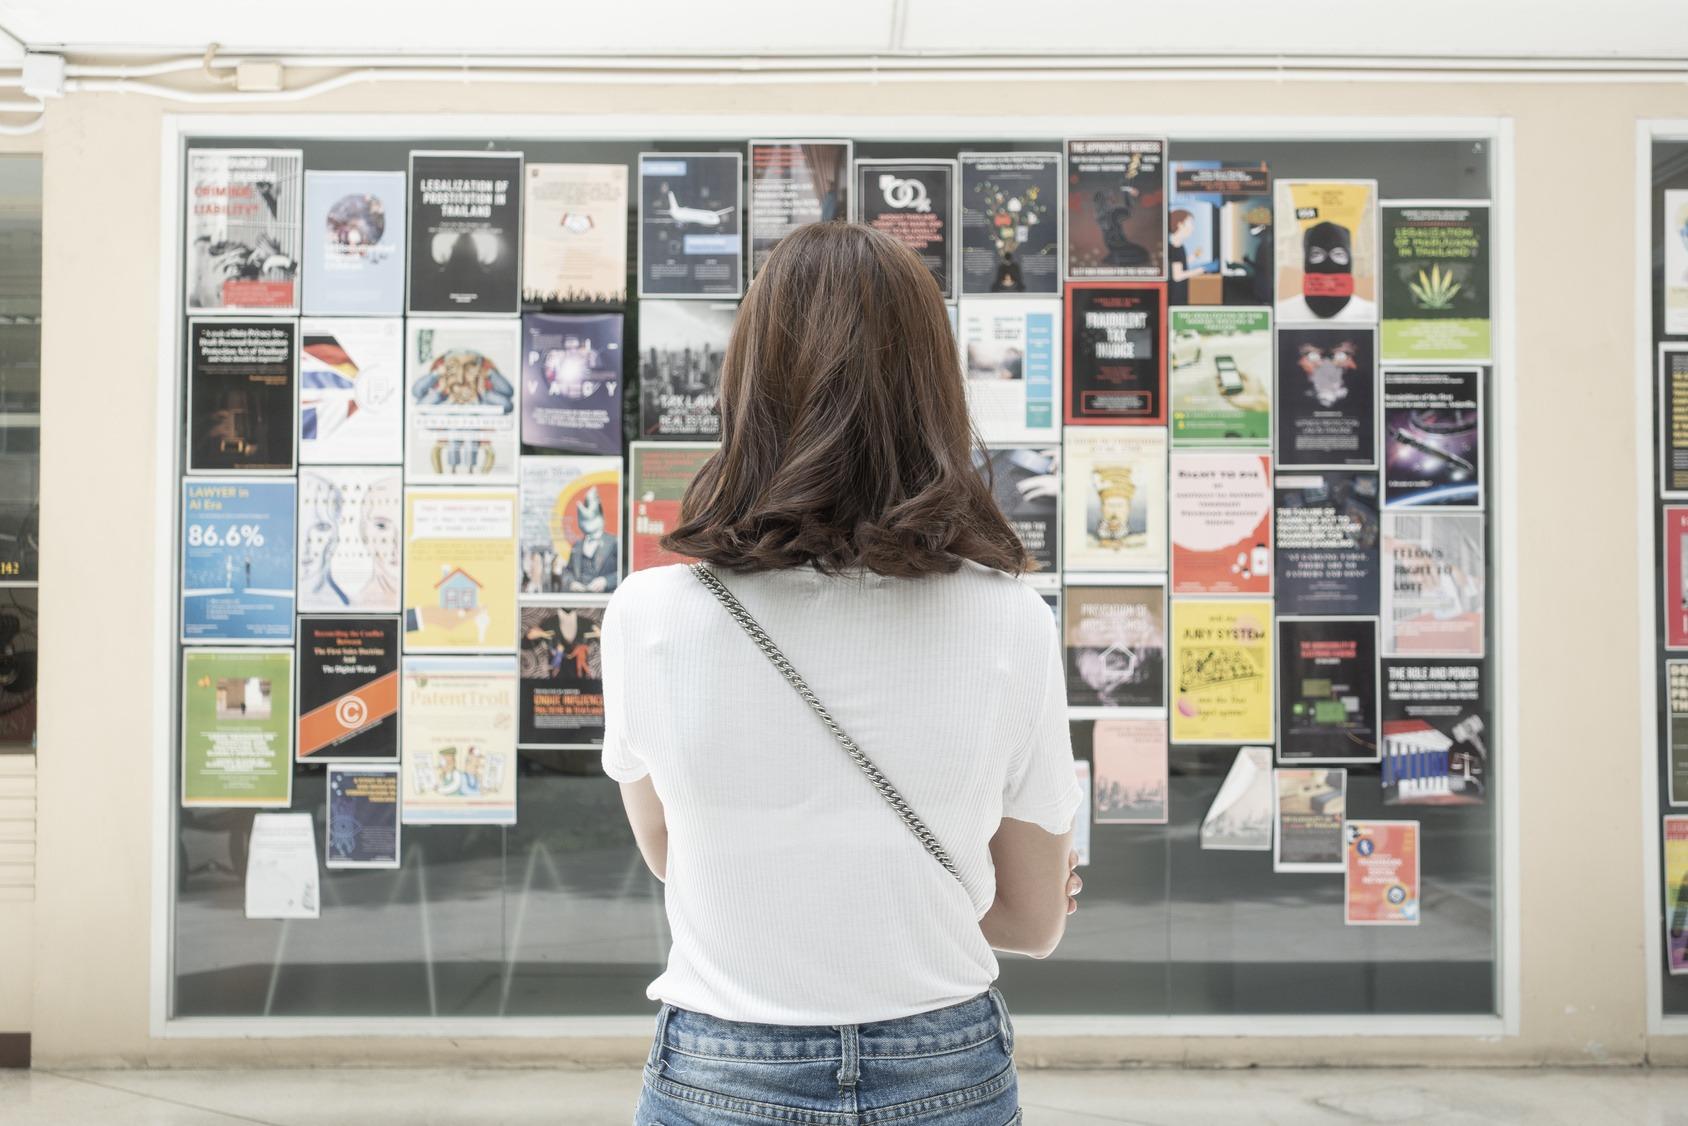 Eine junge Studentin steht vor einer Anzeigetafel an ihrer Hochschule.